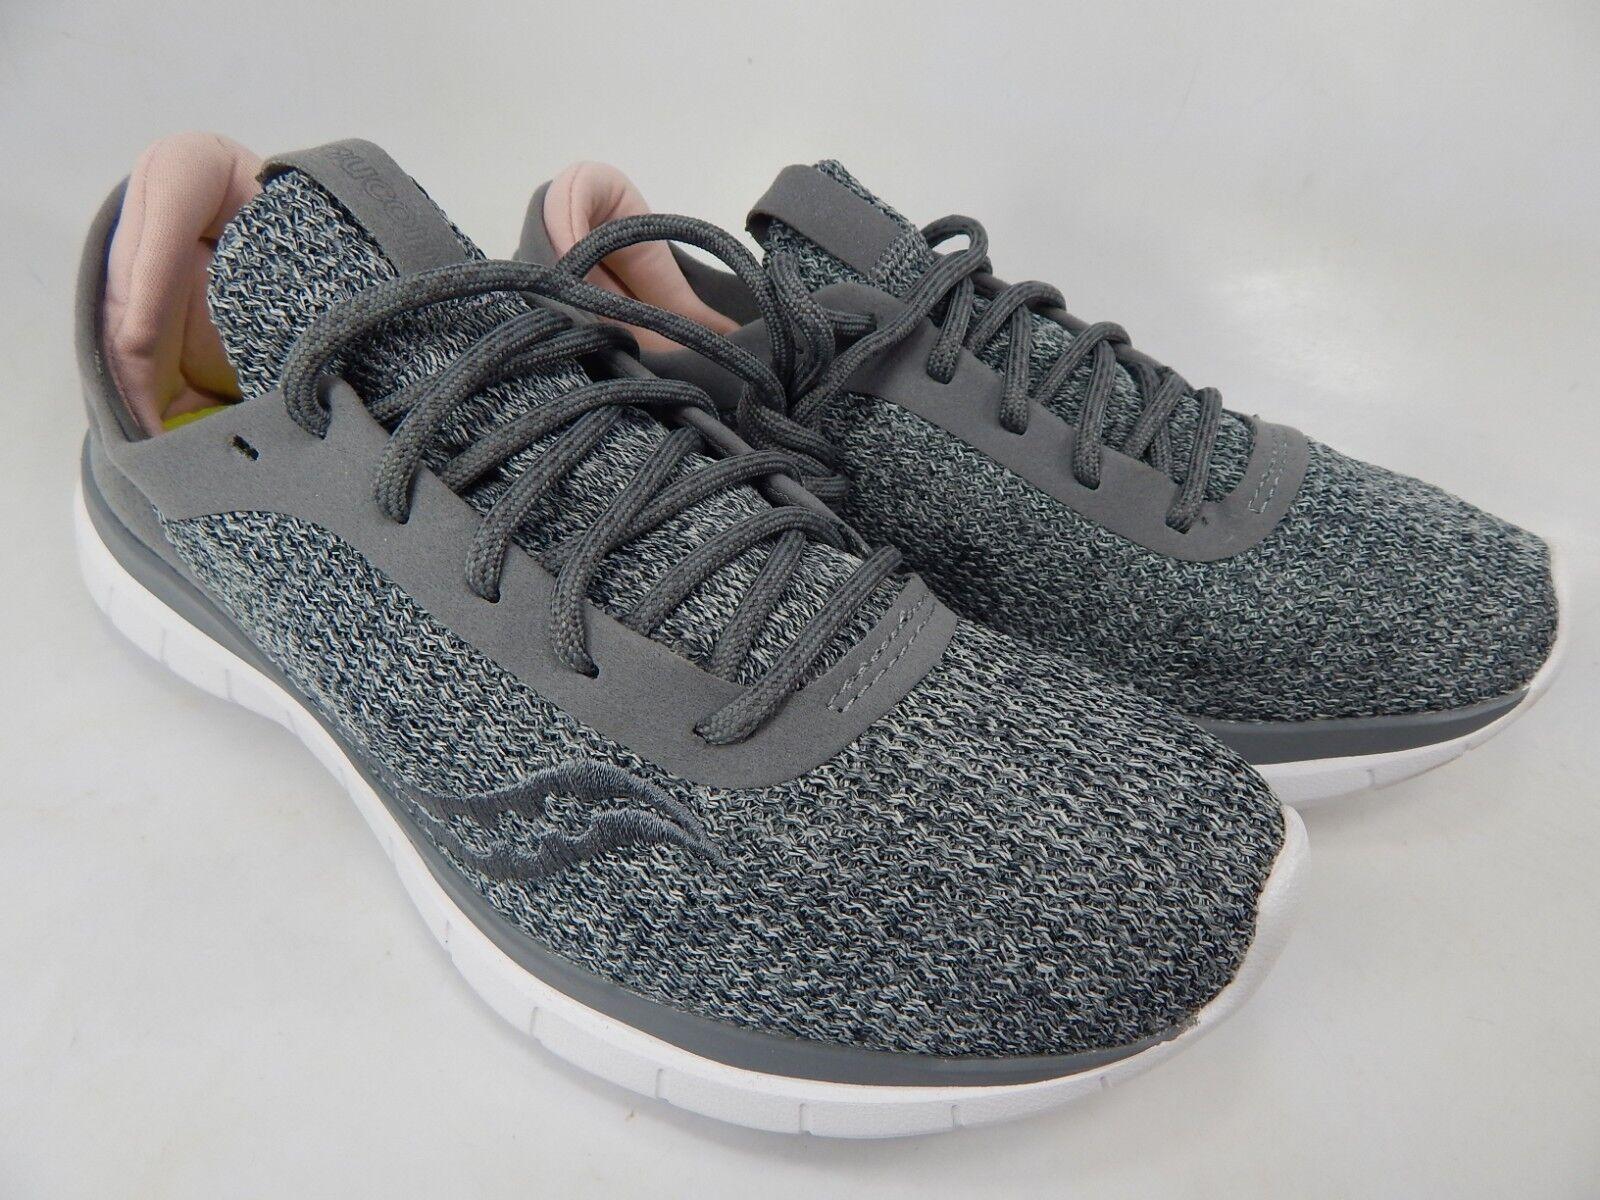 Saucony liteform Escape Tamaño 8 M (B) EU 39 Para Para Para Mujer Zapatos Para Correr gris S30018-6  Envíos y devoluciones gratis.